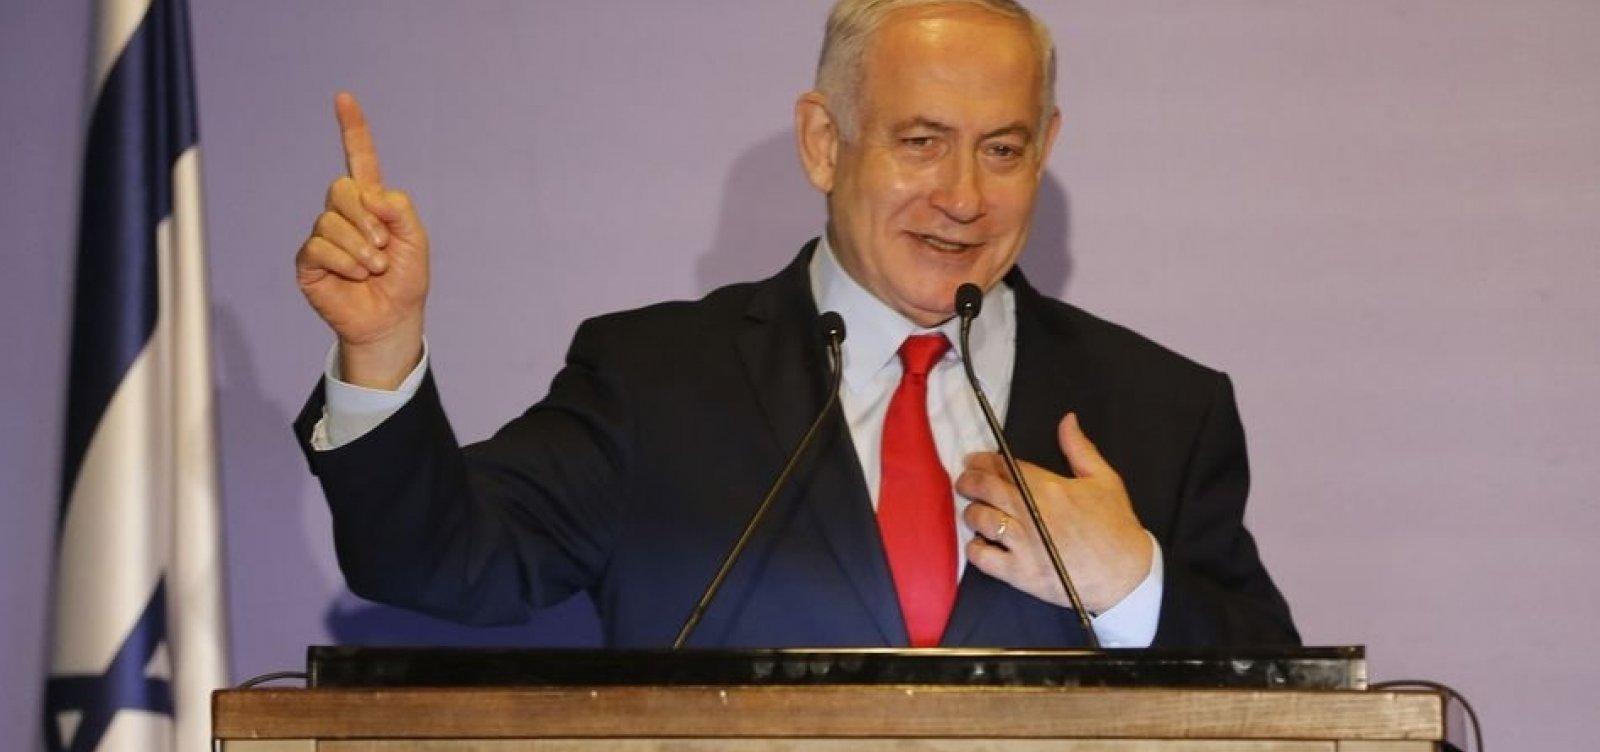 Netanyahu é indiciado por corrupção e fraude